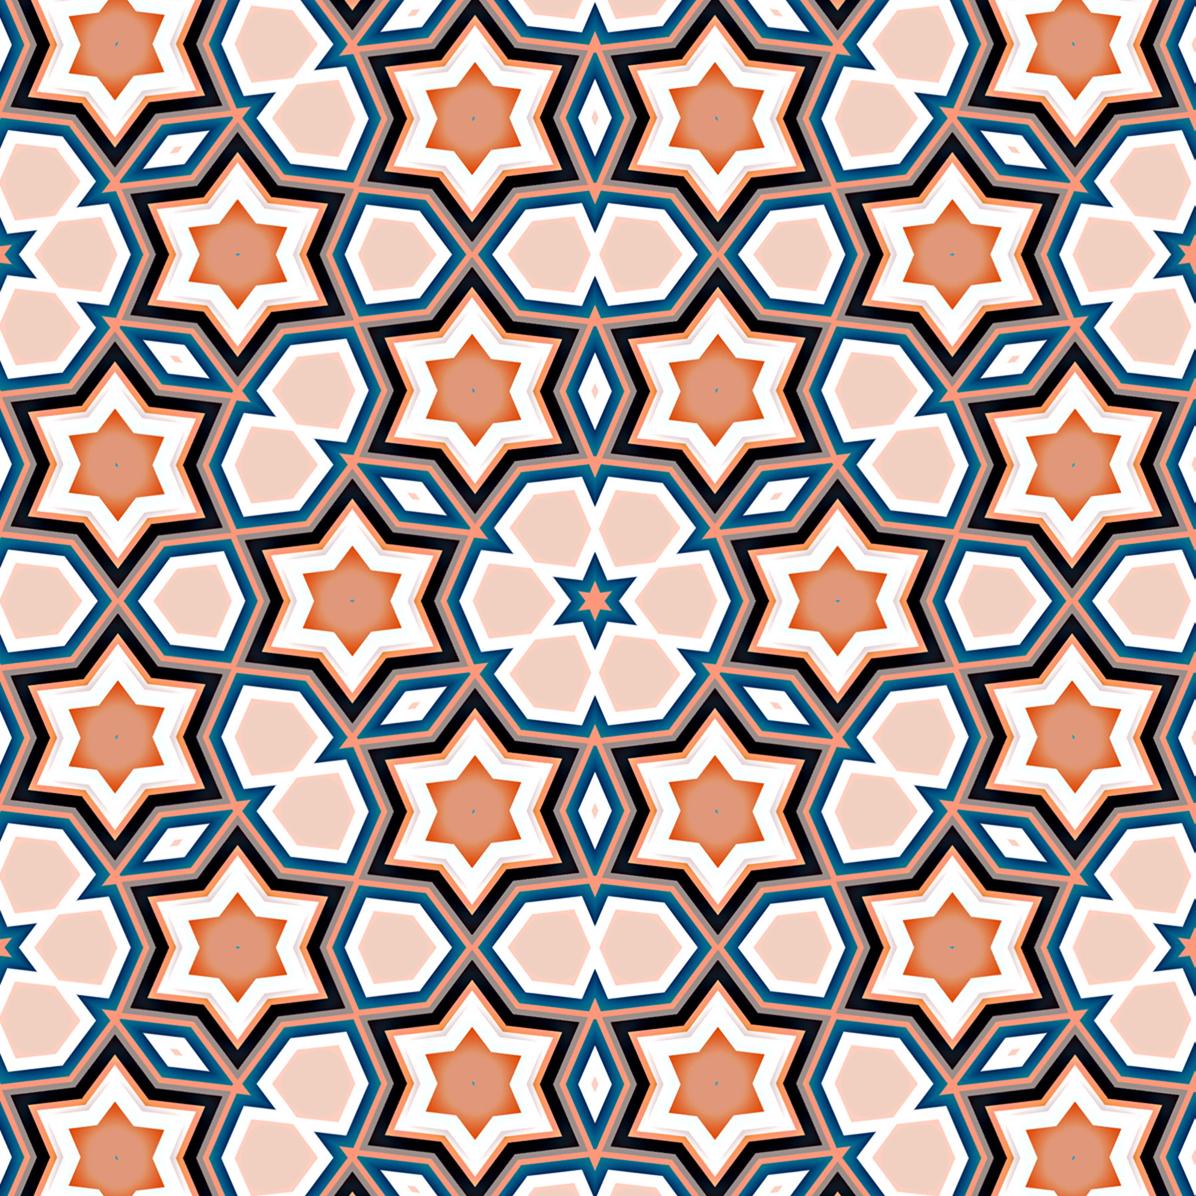 Art Design Patterns : Mehboob dewji magnificent digital islamic patterns iii